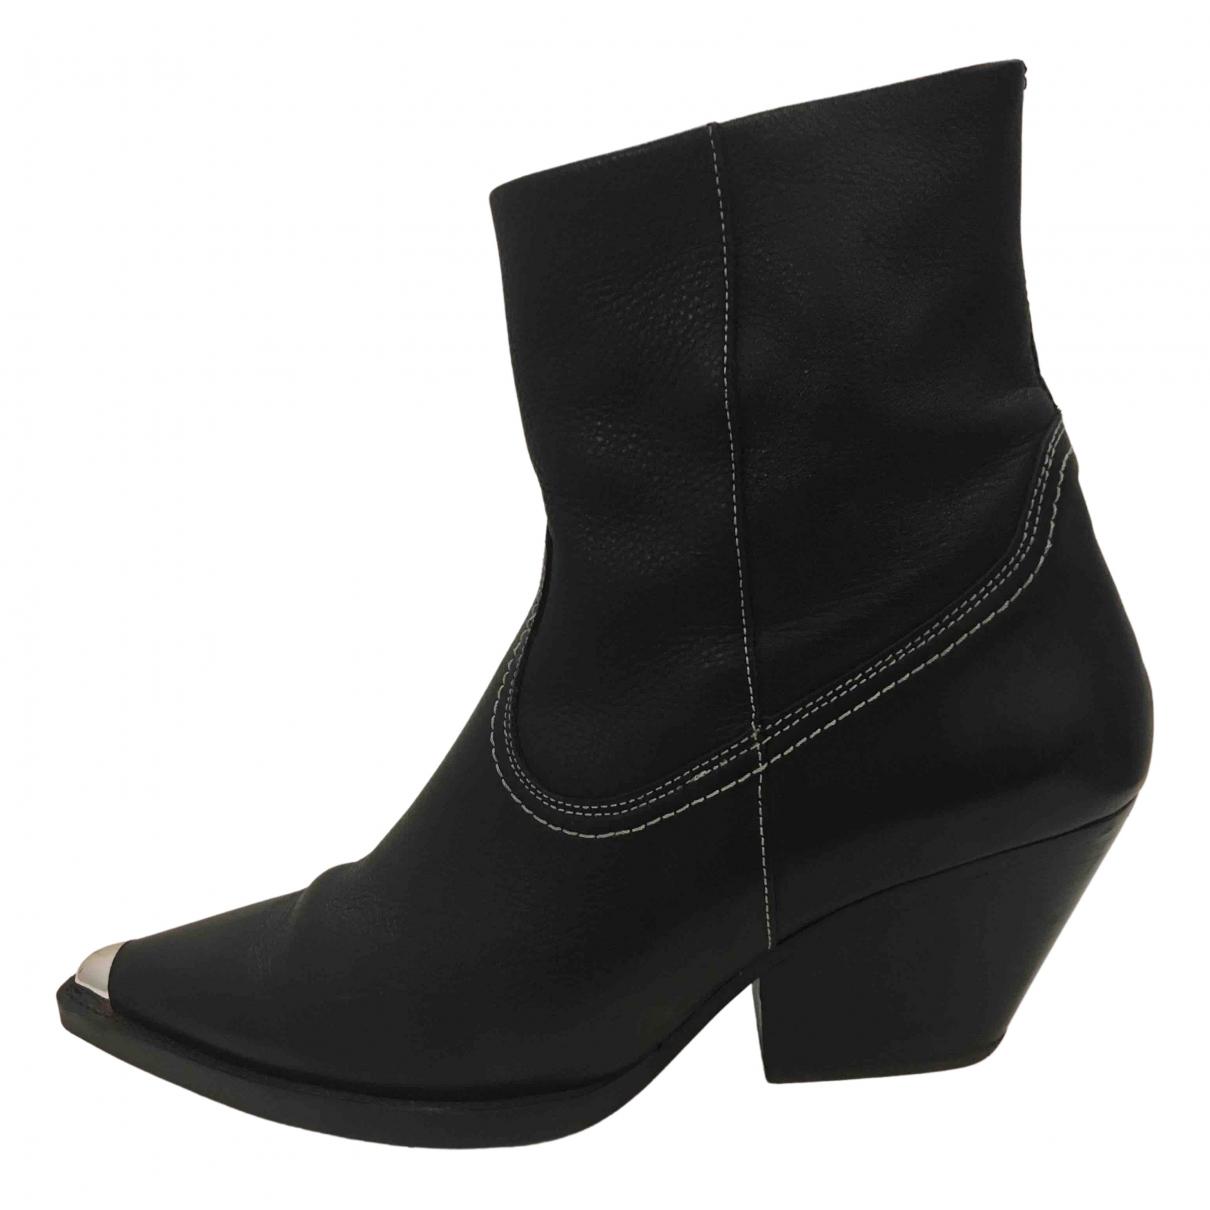 Topshop - Boots   pour femme en cuir - noir